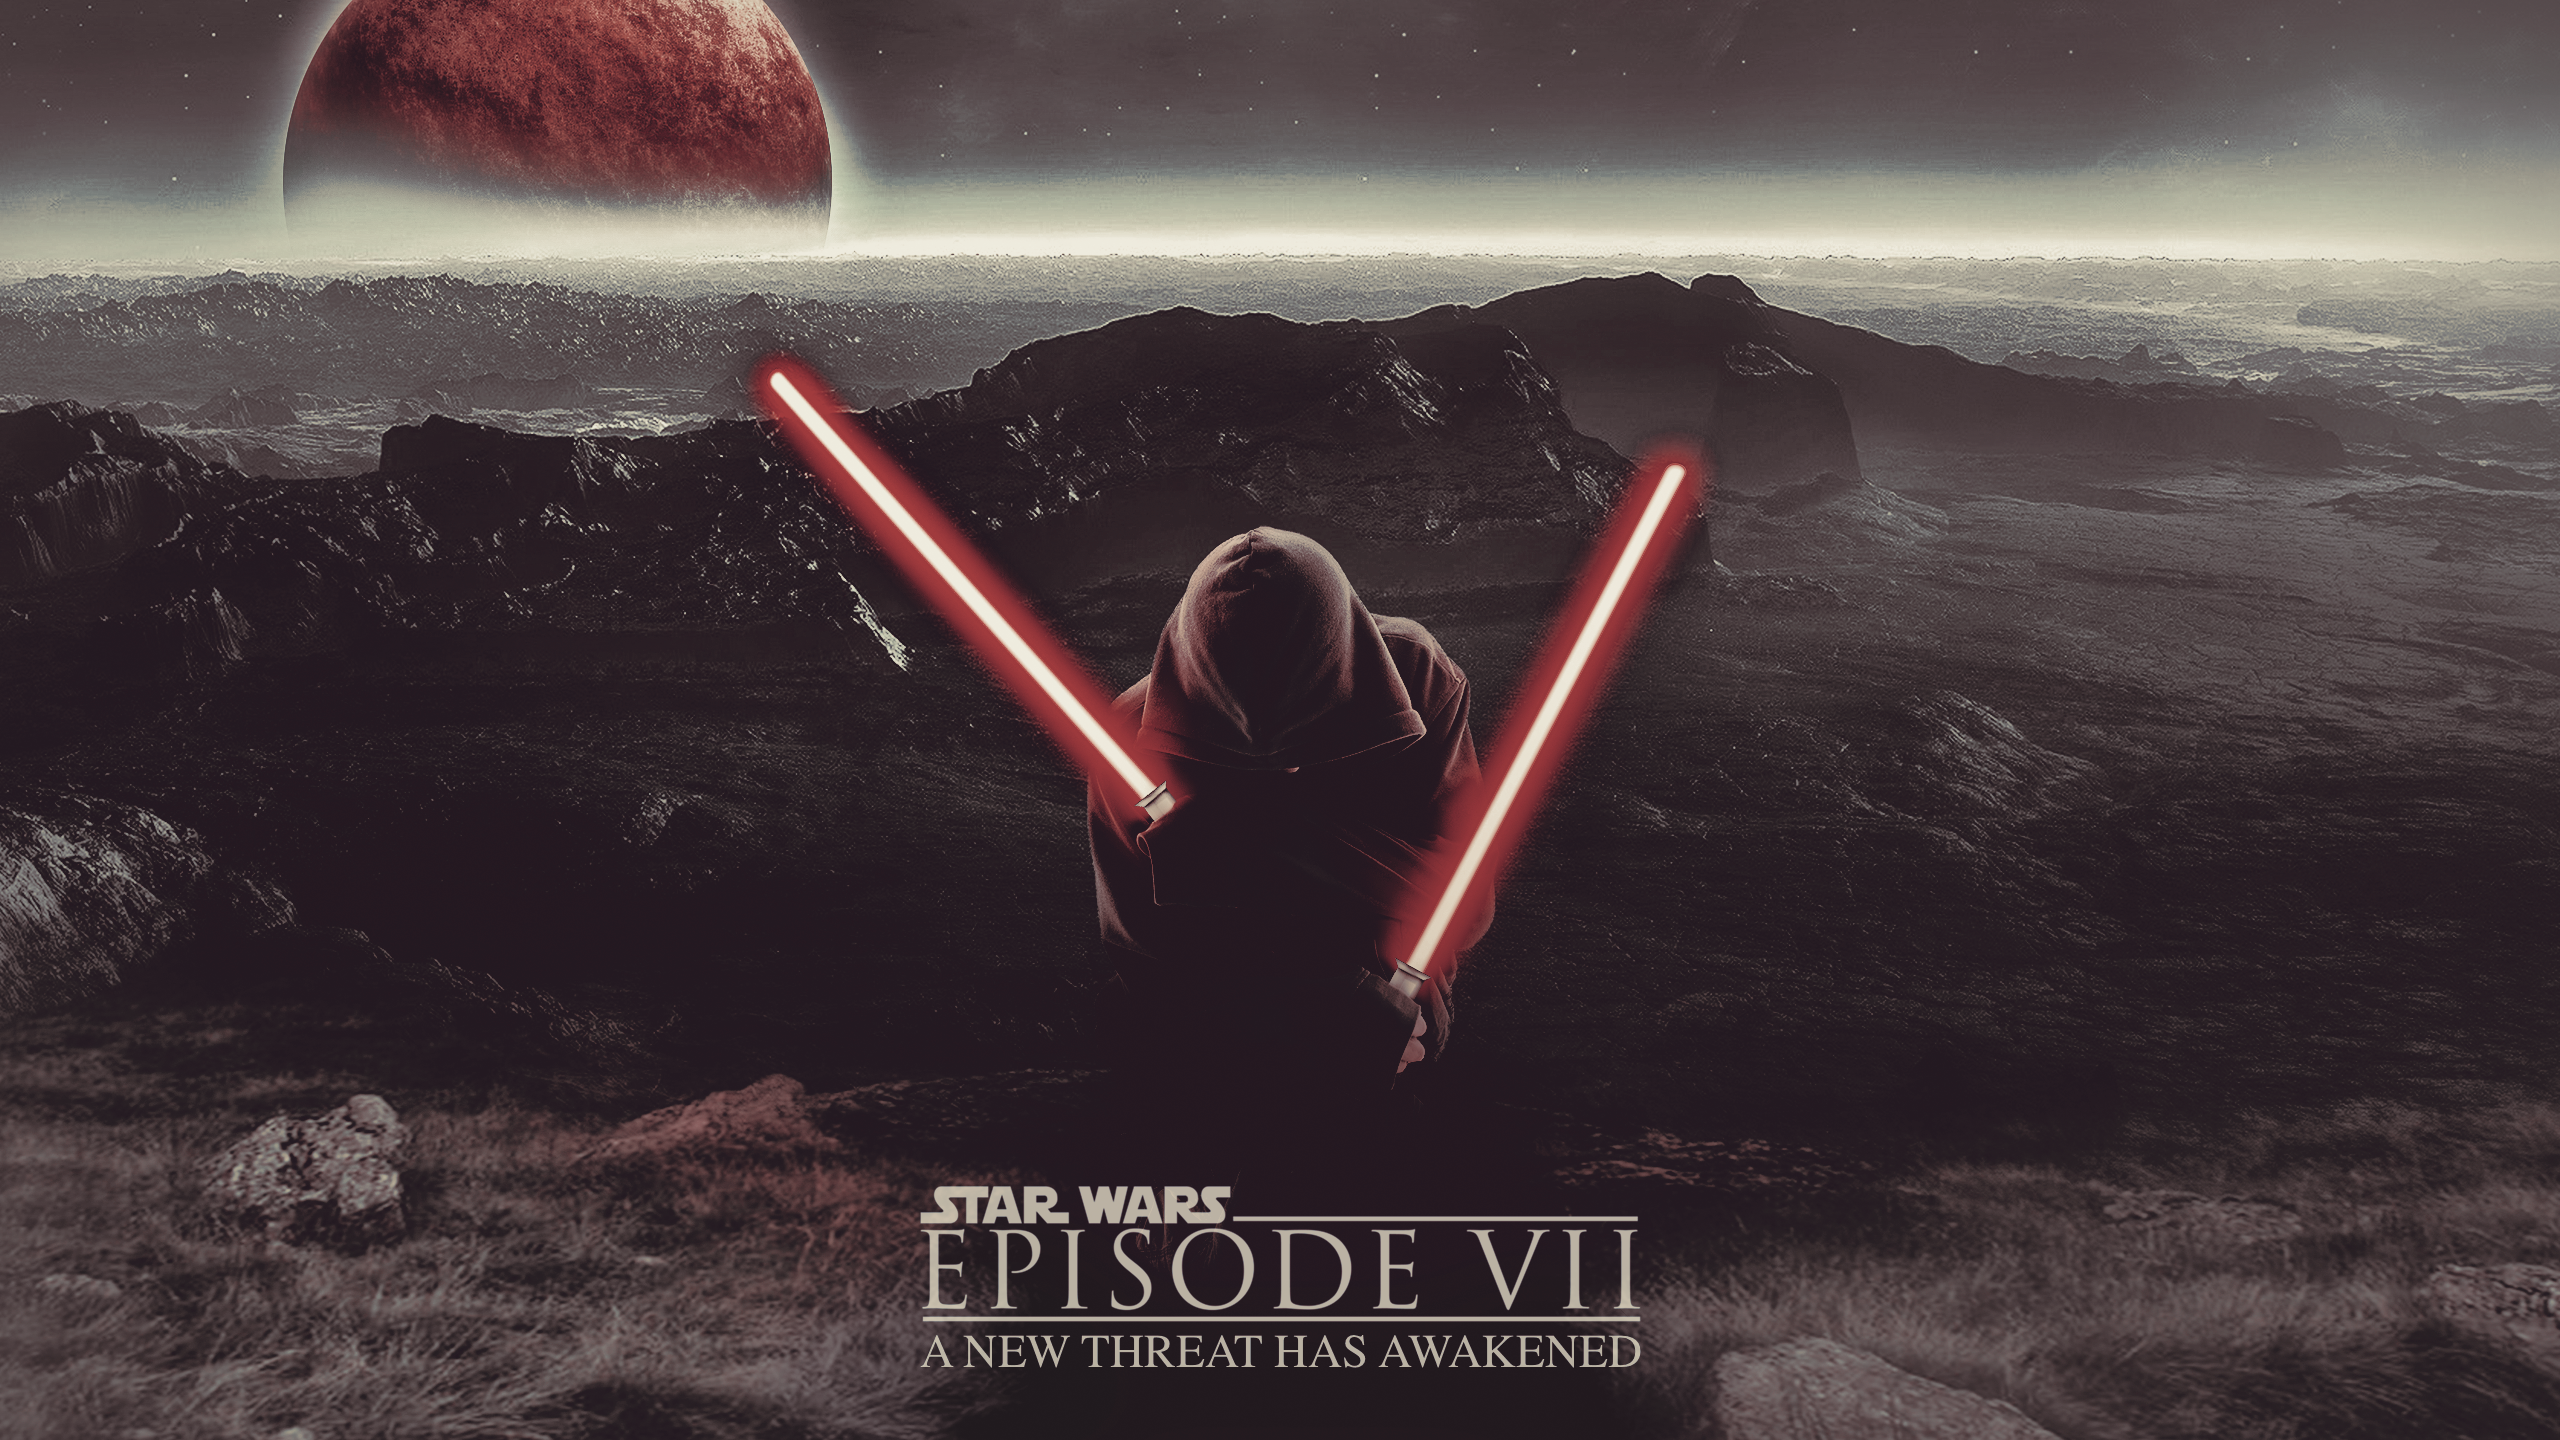 Star Wars Episode VII Wallpaper 2560x1440